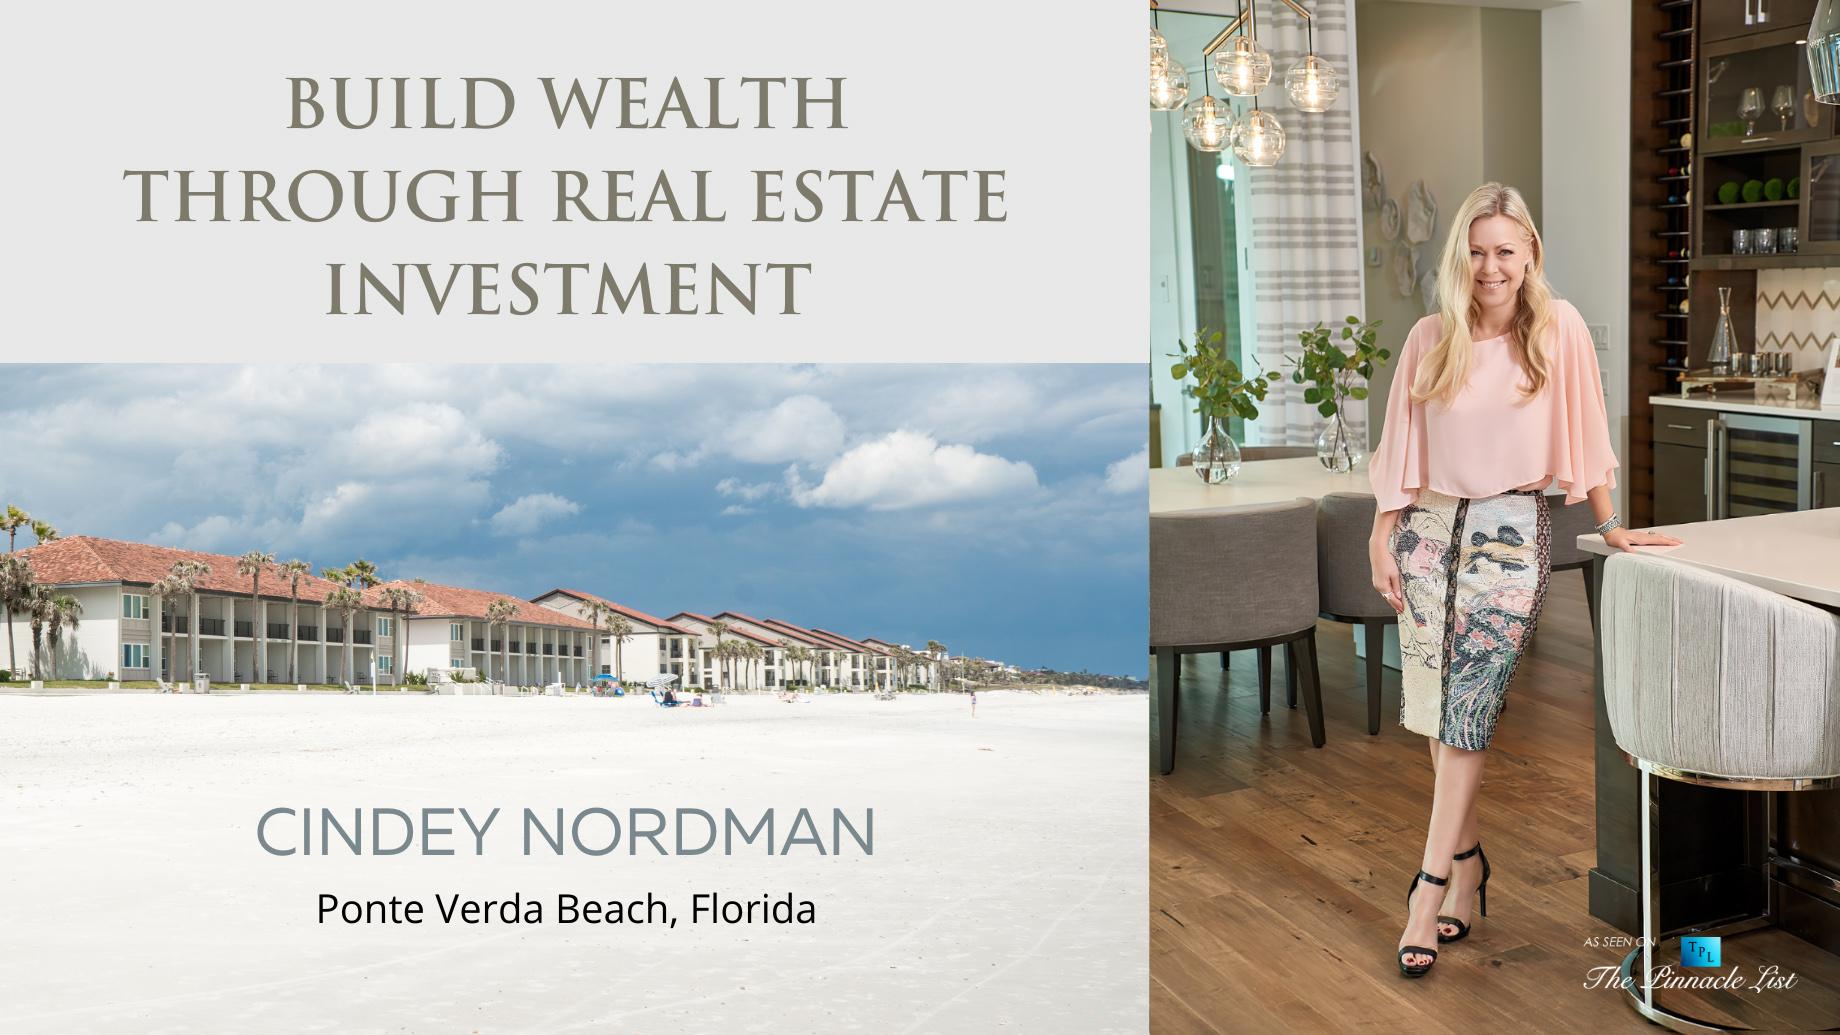 Build Wealth Through Real Estate Investment in Ponte Verda Beach, Florida - Cindey Nordman